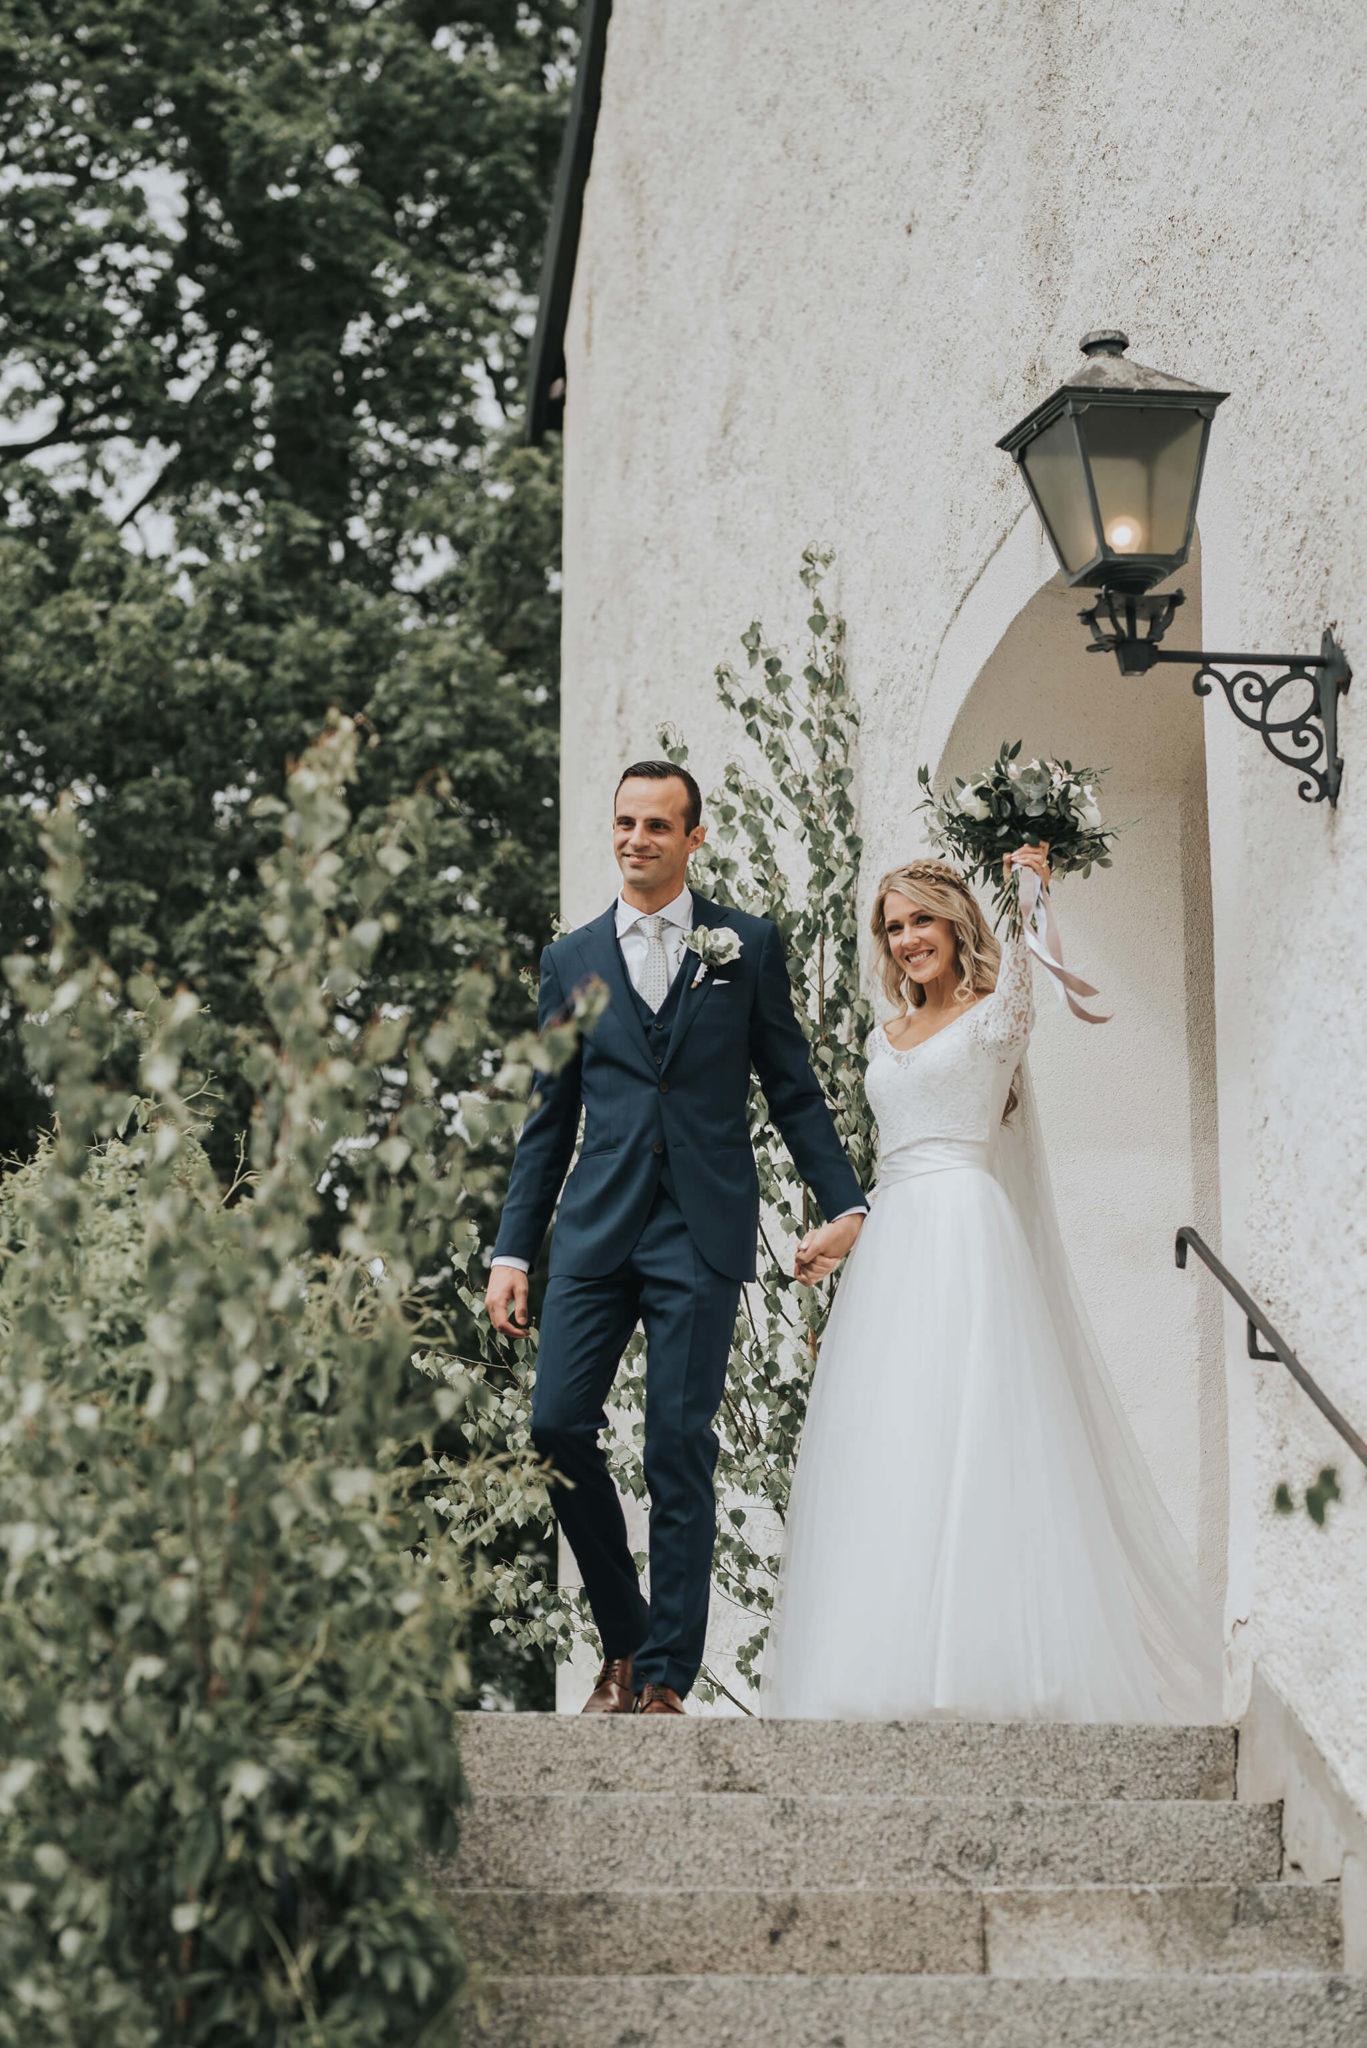 Bröllopspar från Stockholm som gifte sig i Nyköping och valde sin tårta från CakeByMelina i Norrköping